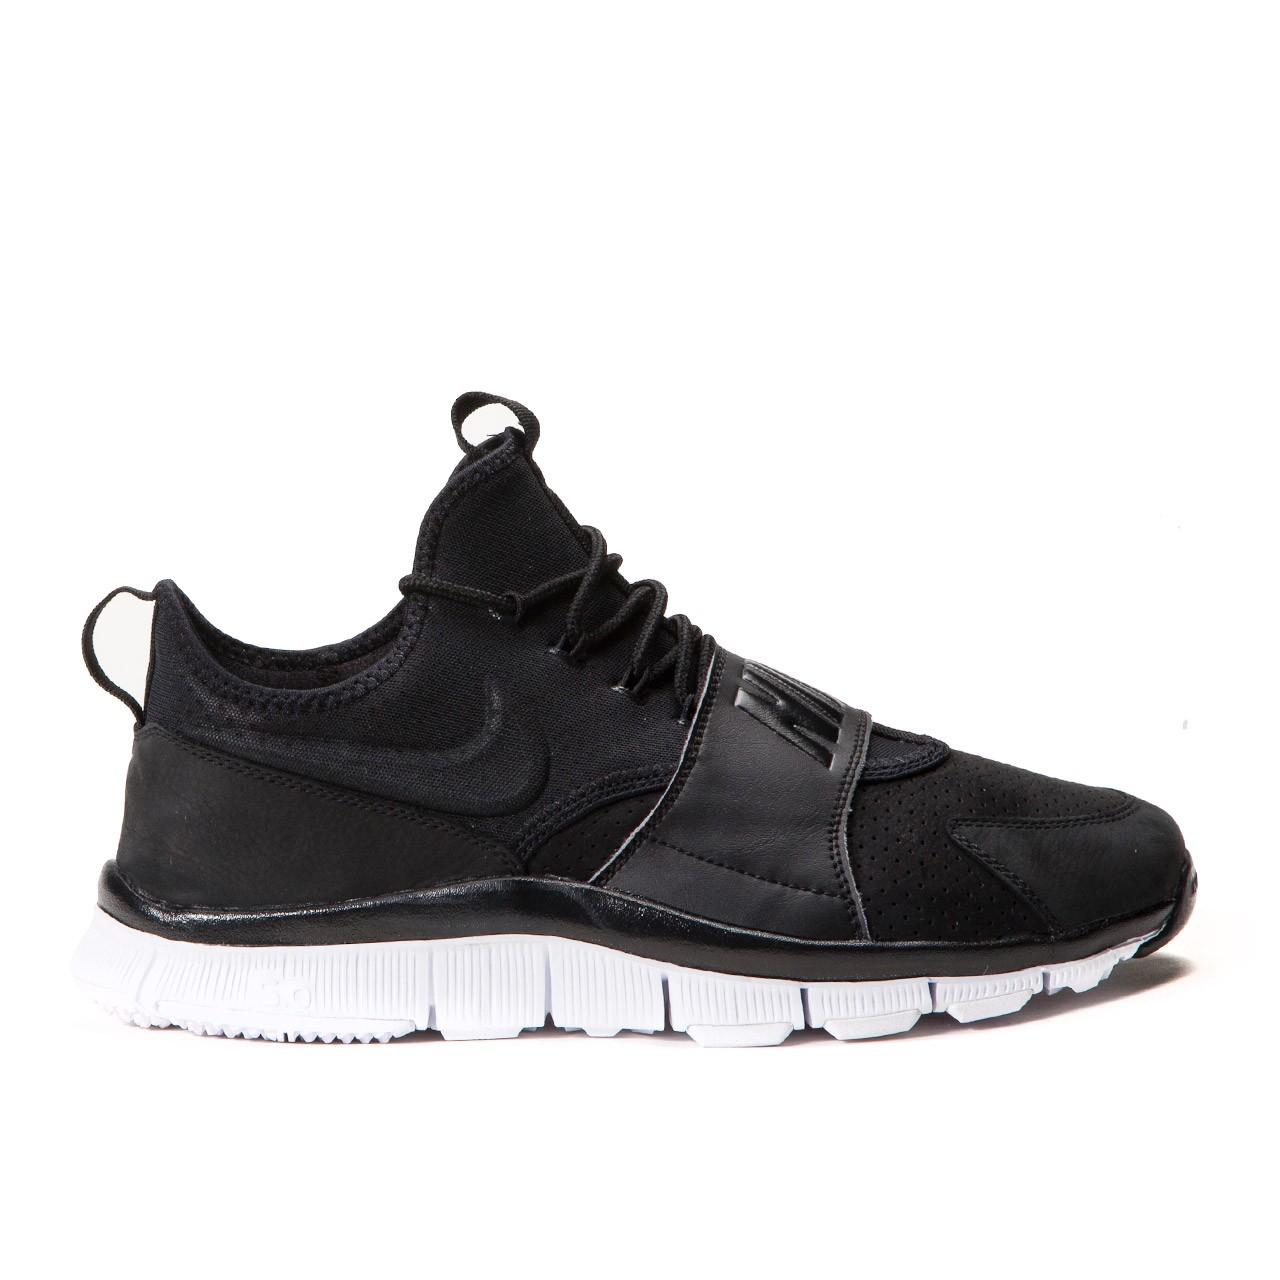 nike-free-ace-leather-black-white-749627